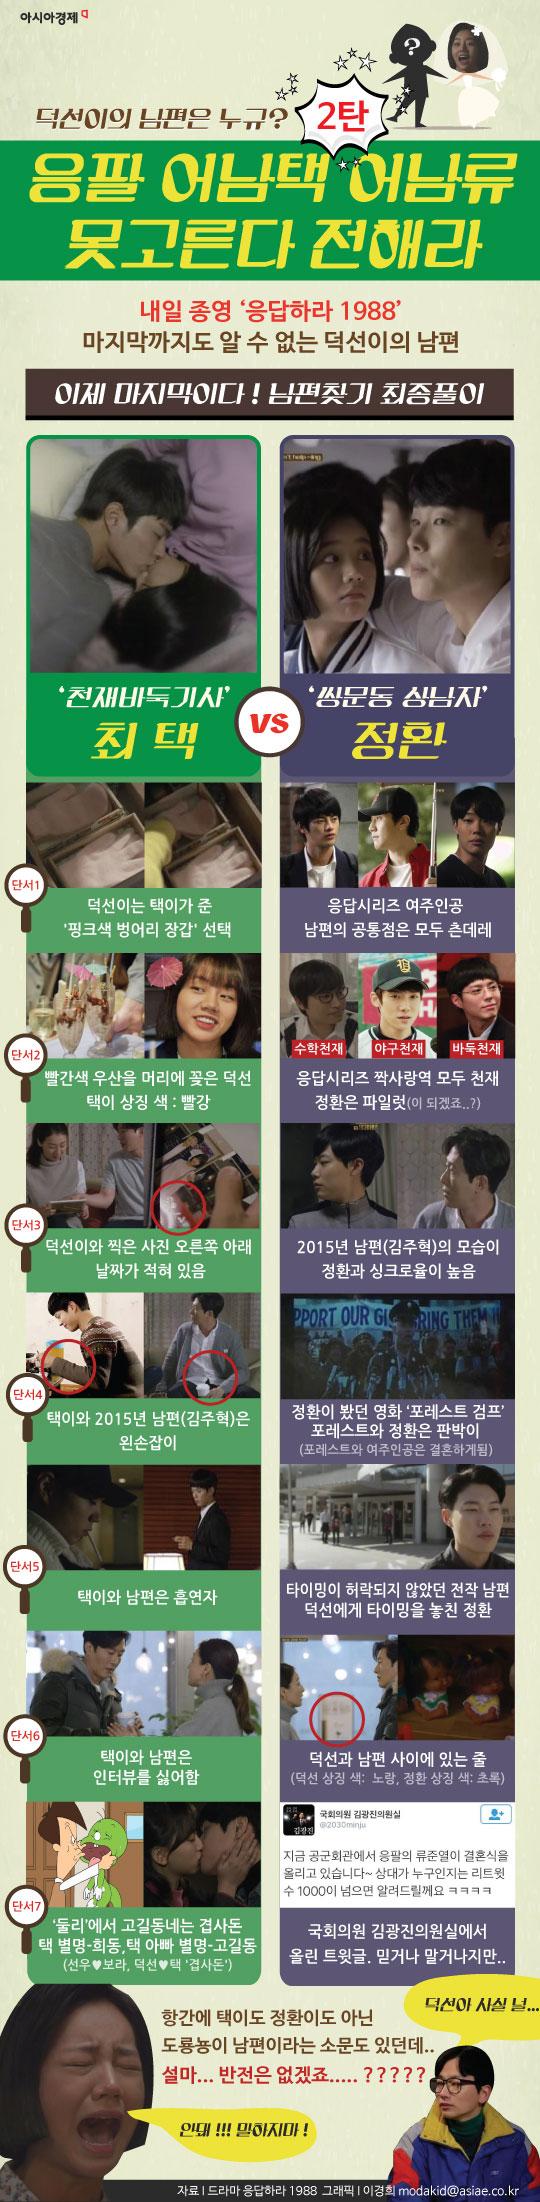 [인포그래픽]'응팔' 덕선이 남편은 누규? 2탄